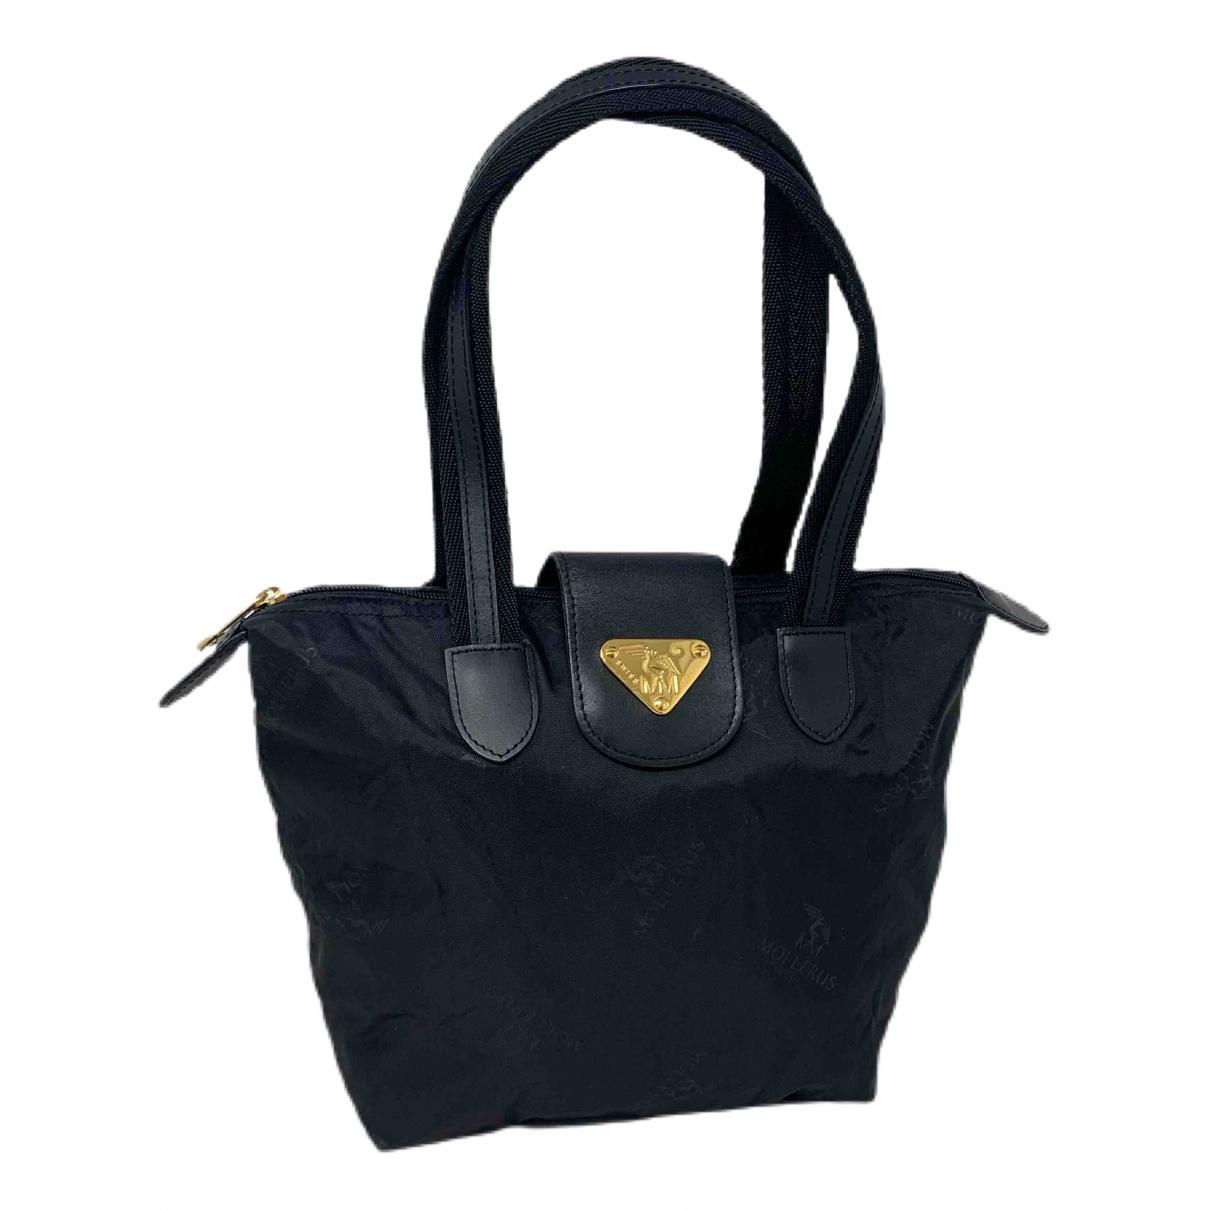 Mollerus \N Handtasche in  Schwarz Leinen